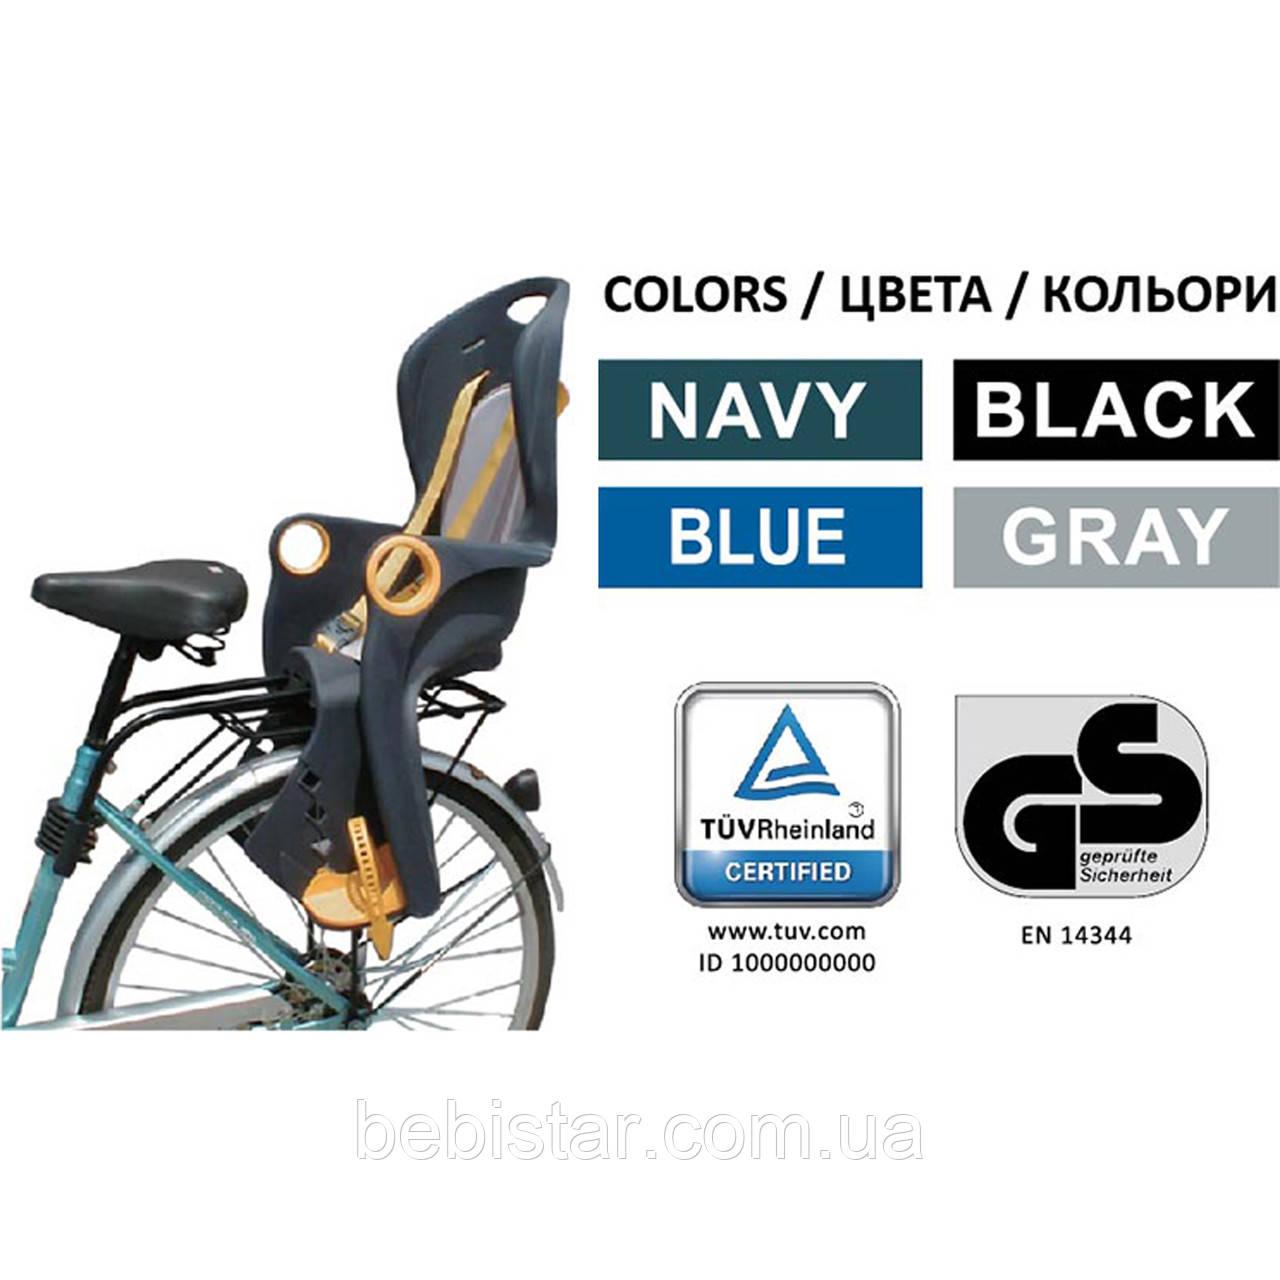 Велокрісло синє TILLY T-821 з установкою позаду сидіння до підсідельної труби